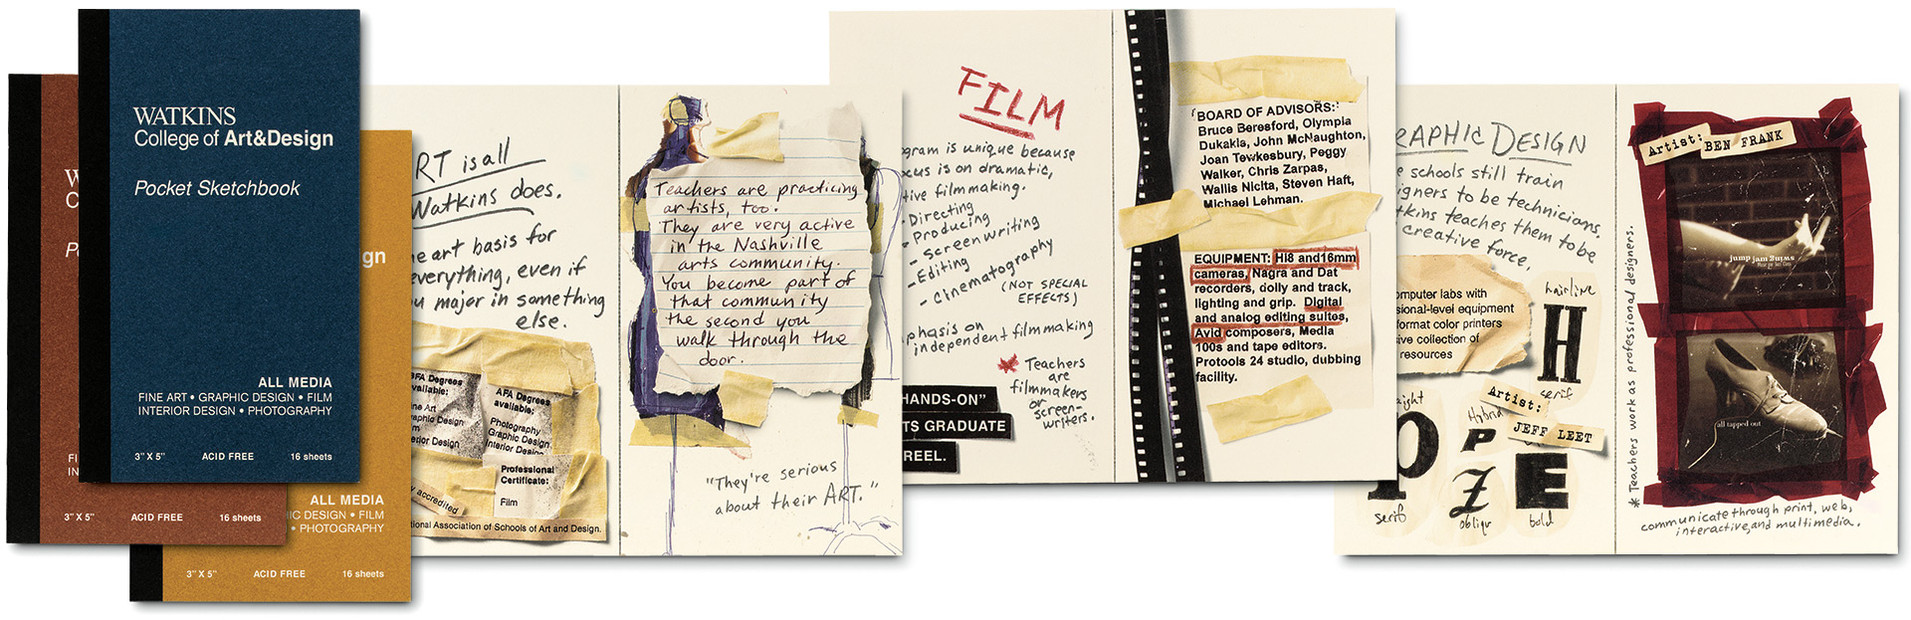 watkins_1_sketchbook_1.jpg